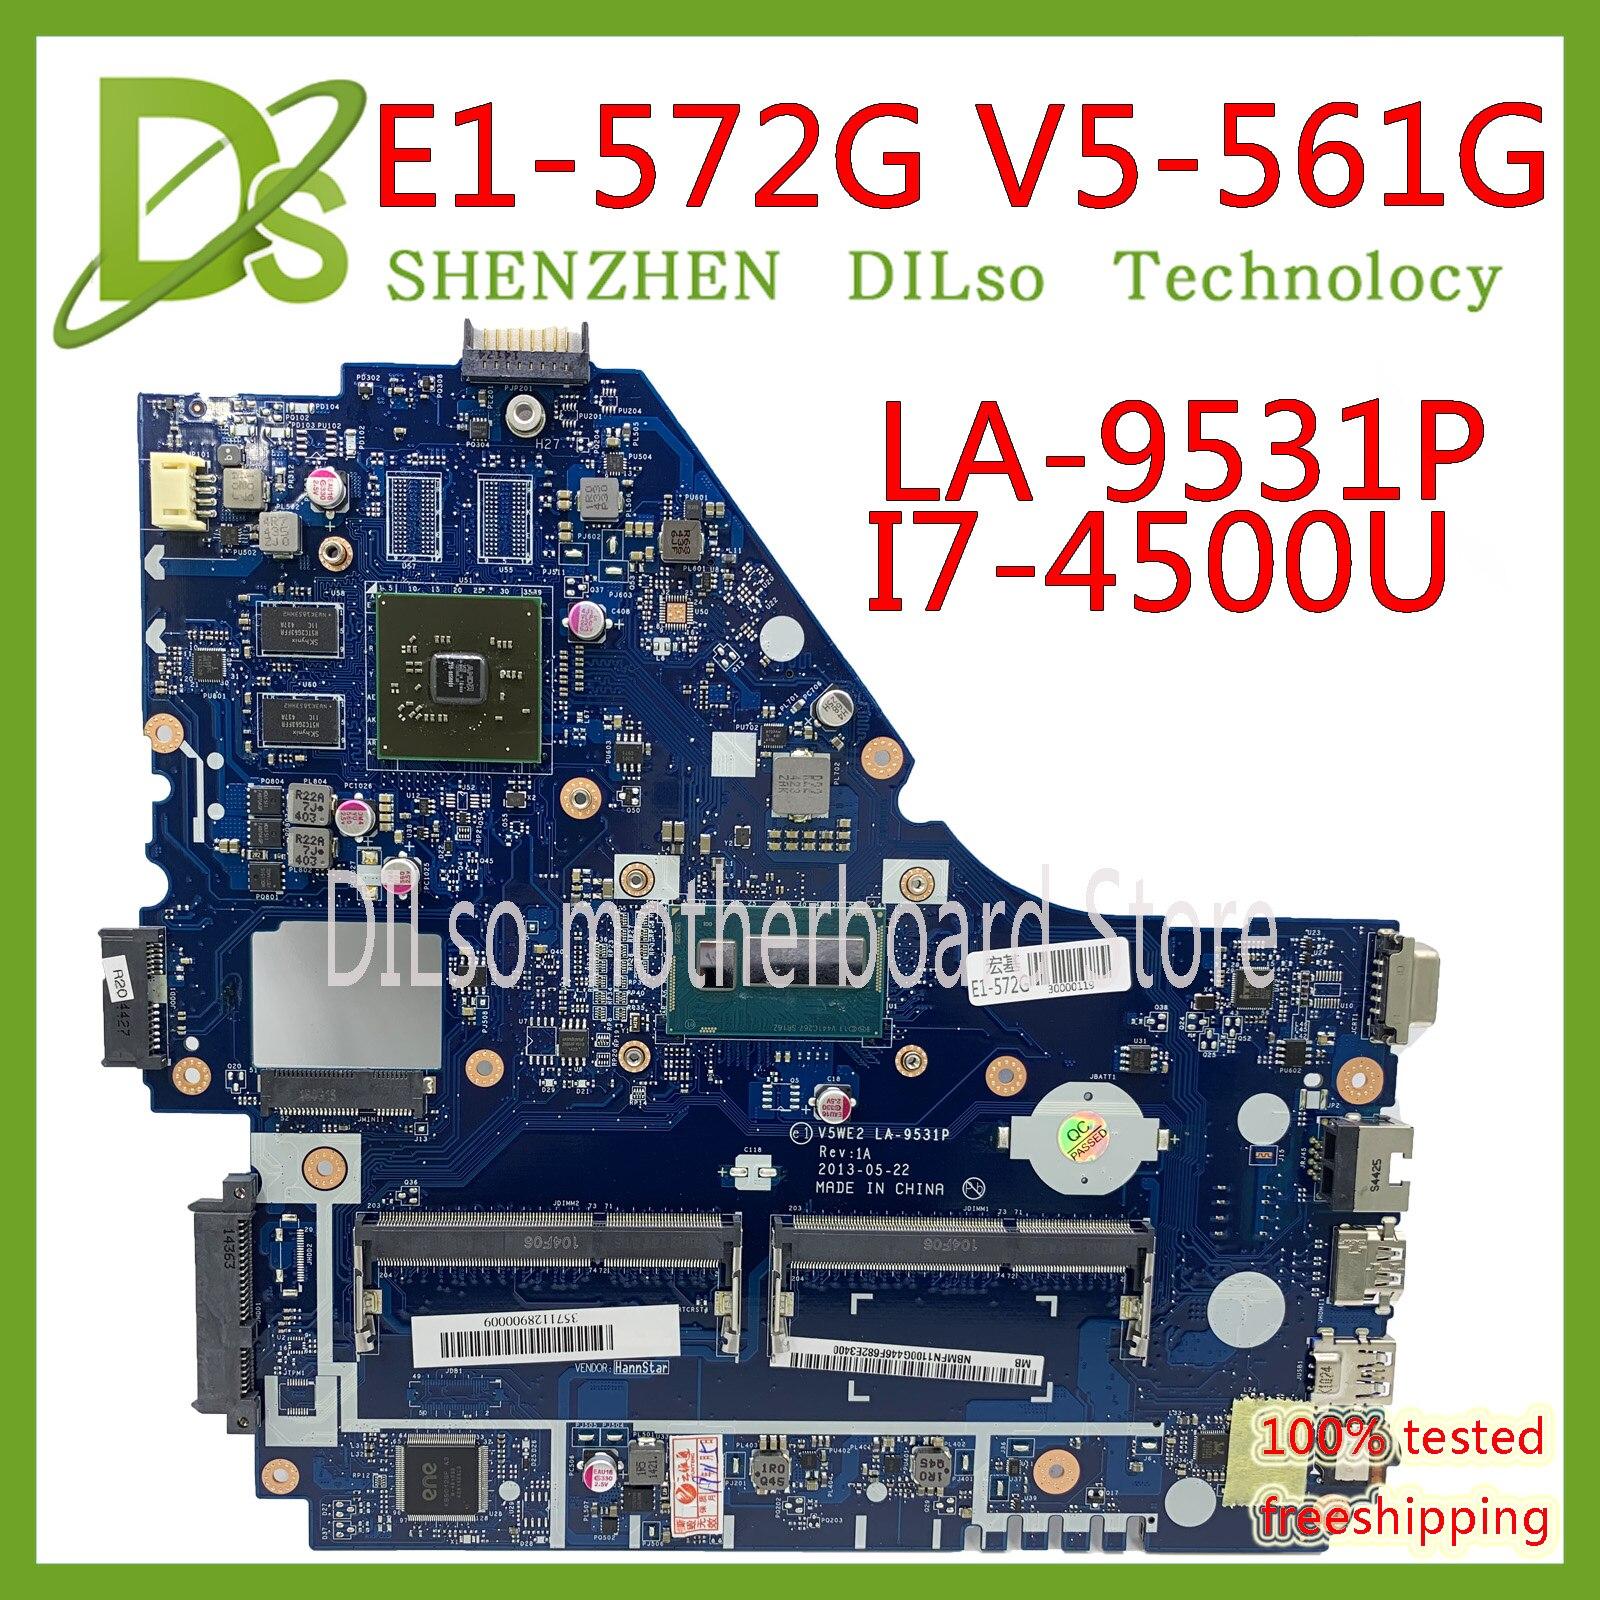 KEFU V5WE2 LA-9531P Mainboard For Acer E1-572G E1-572 V5-561G Motherboard LA-9531P I7-4500 CPU R5 M240 Test Work 100% Original